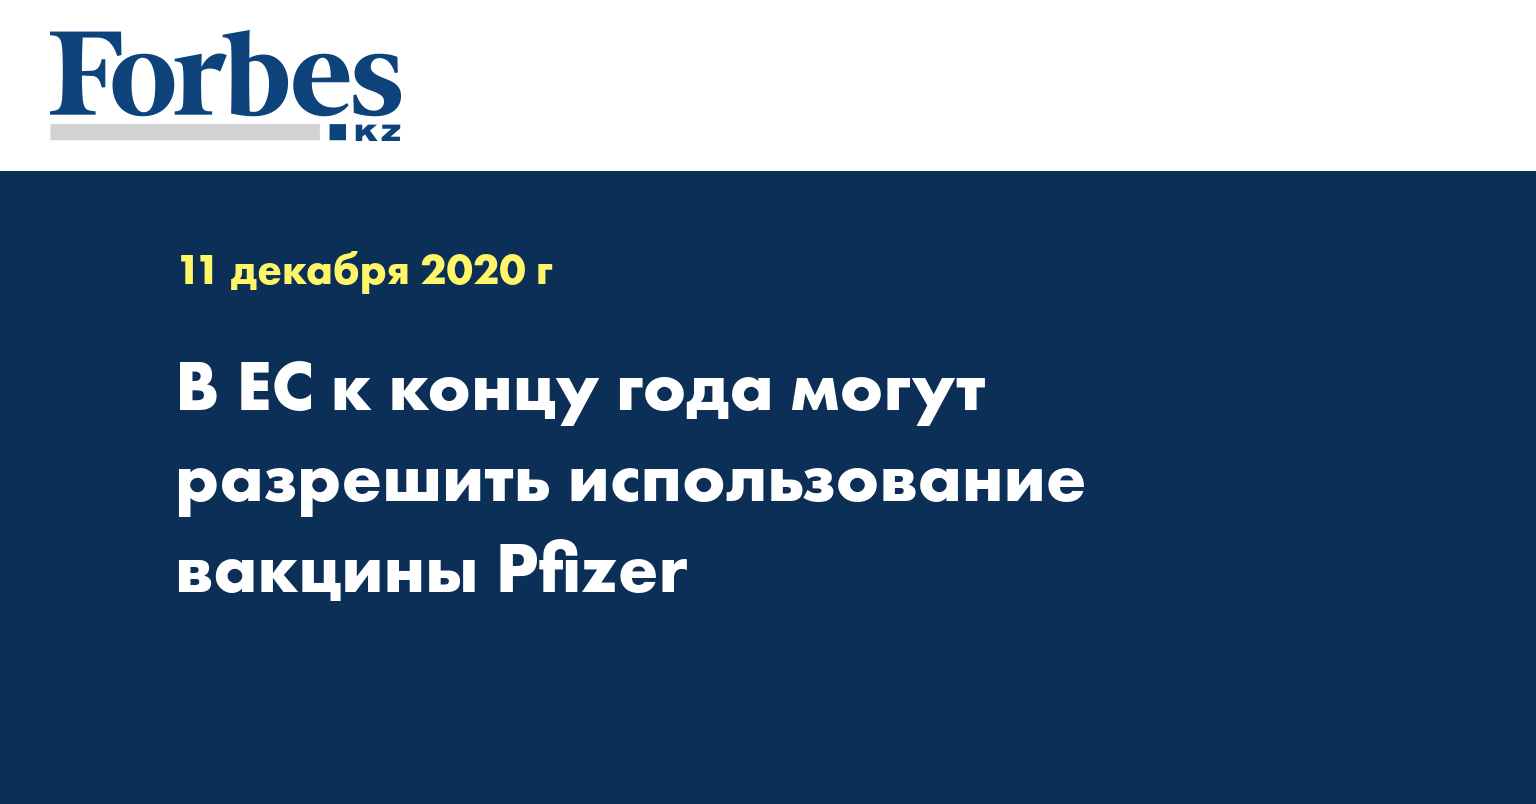 В ЕС к концу года могут разрешить использование вакцины Pfizer